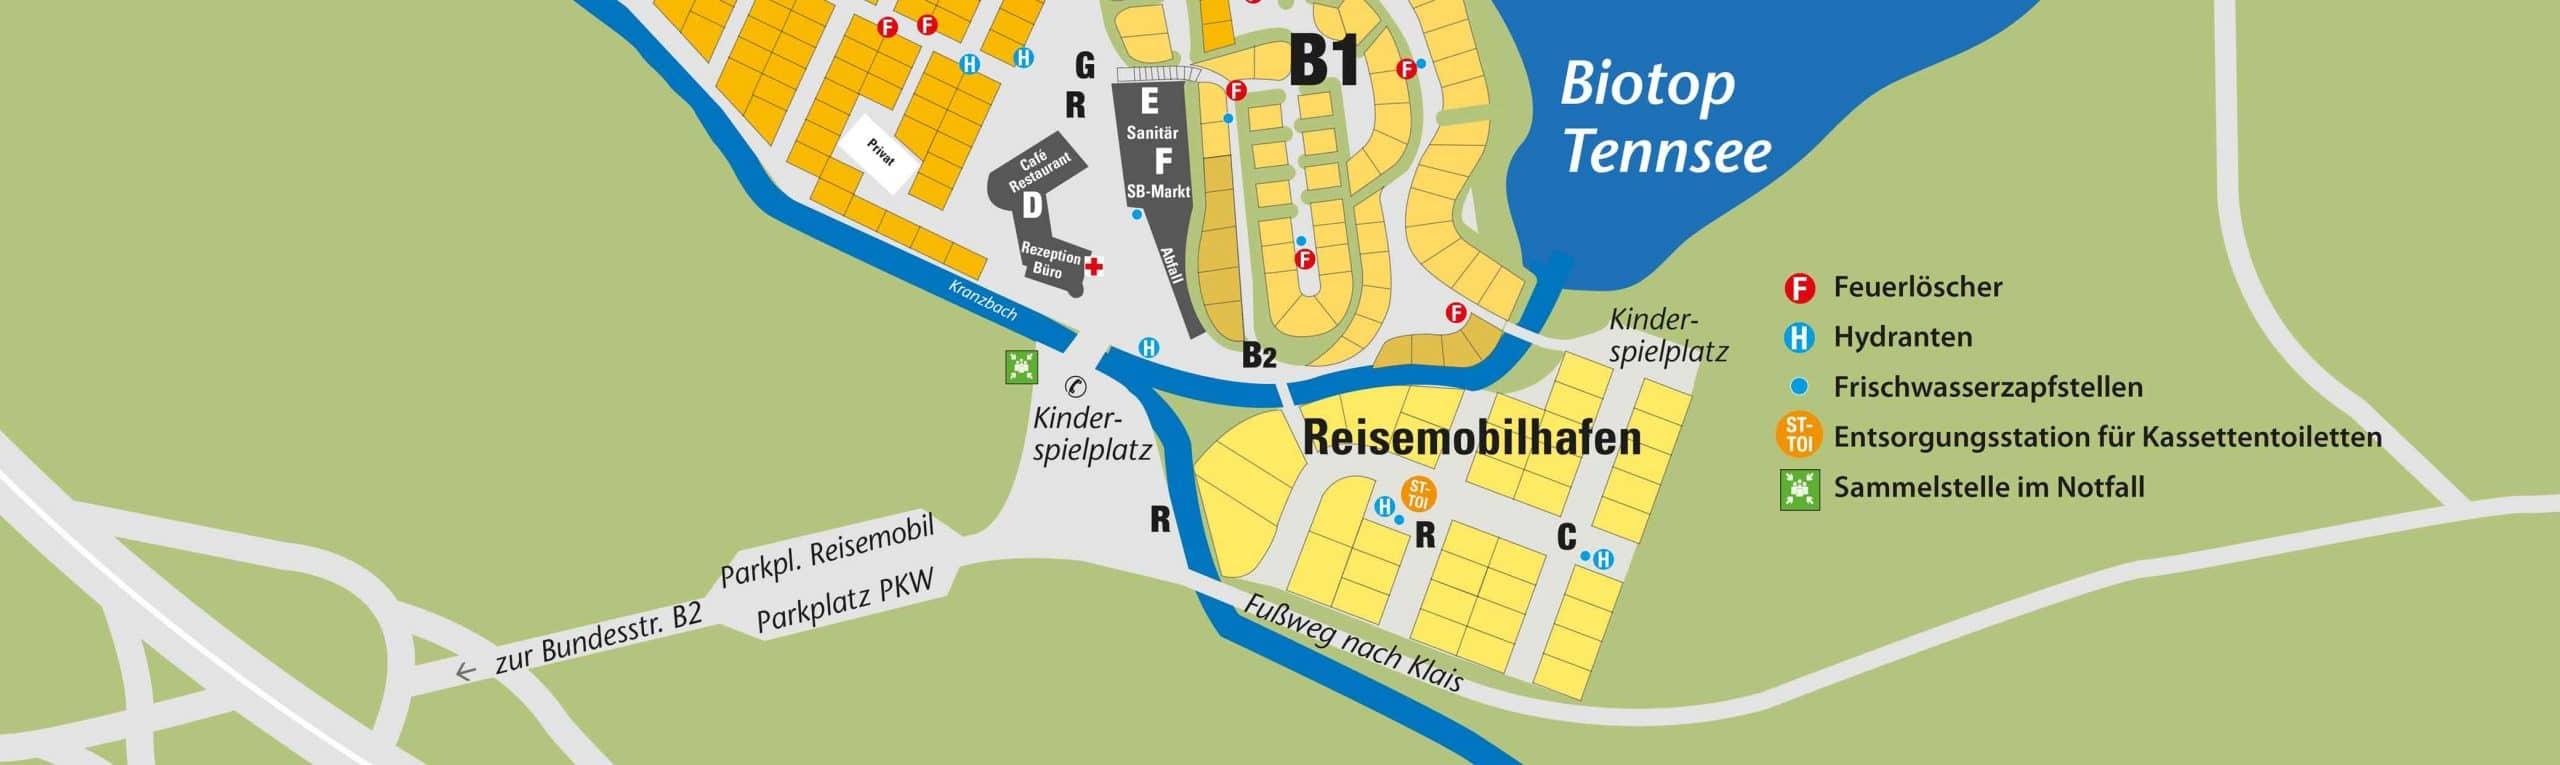 Camping-Tennsee-Bayern-Platzuebersicht-Wohnmobilstellplatz